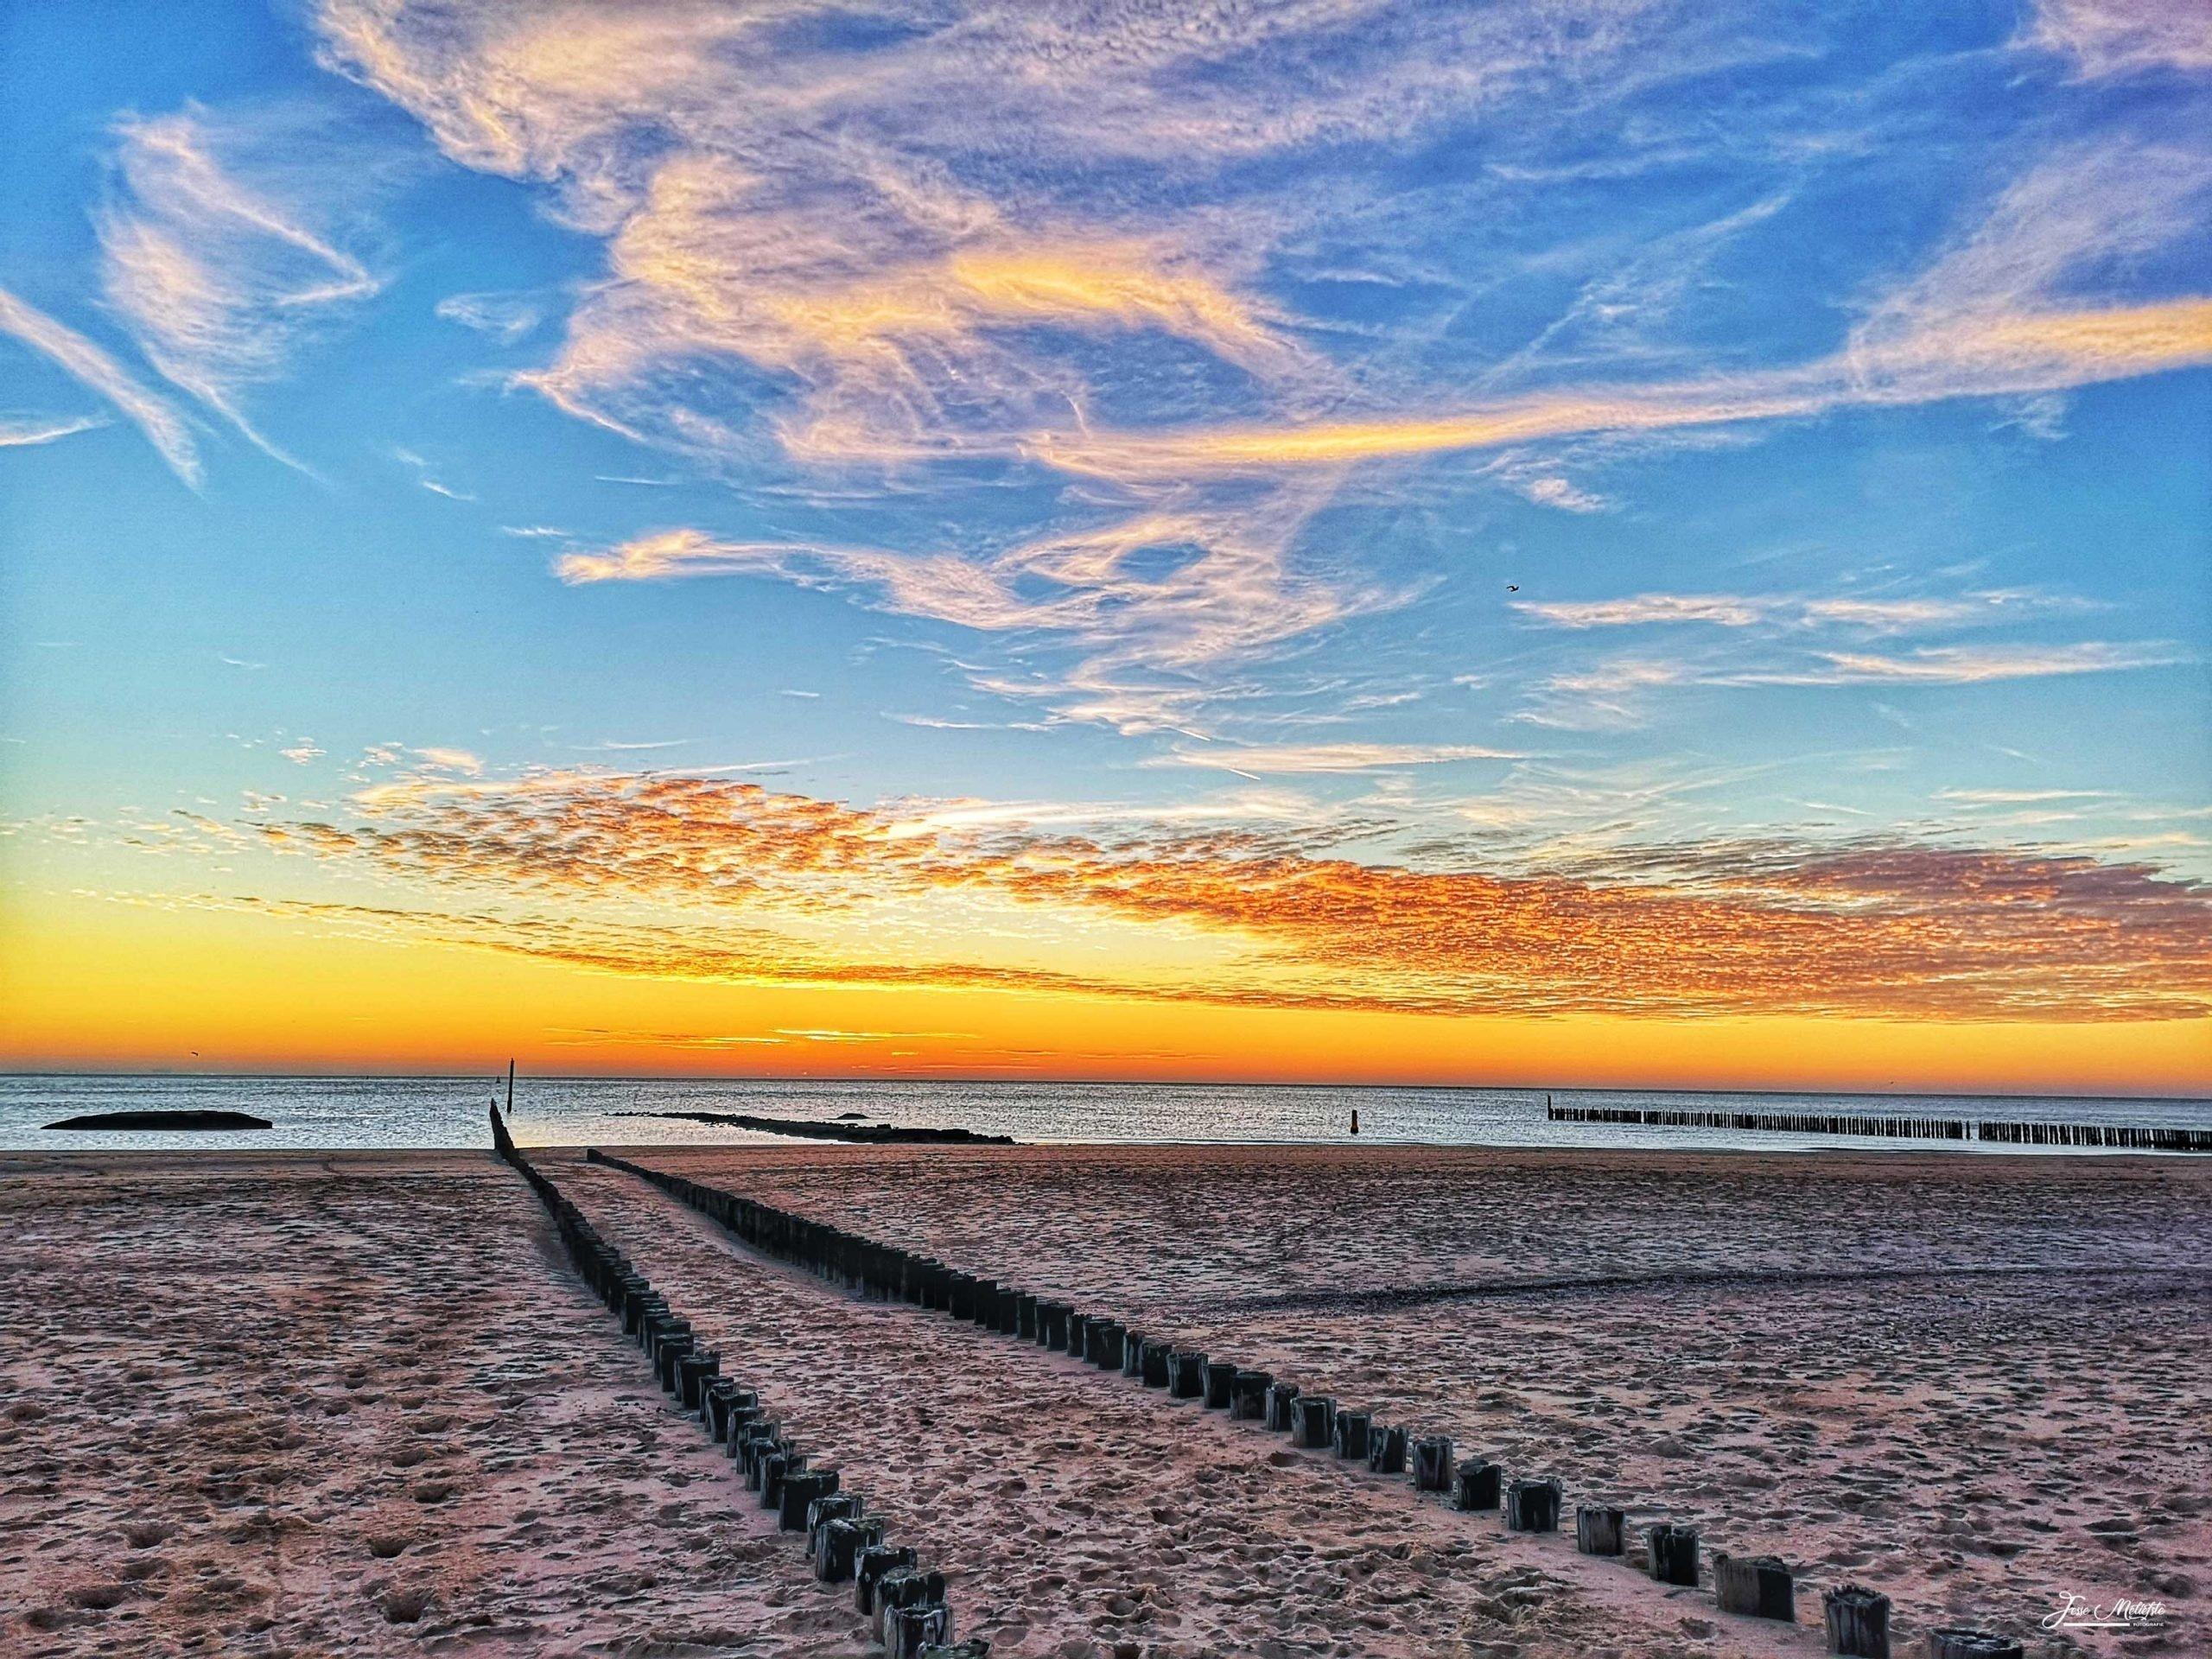 strandpaviljoens zeeland